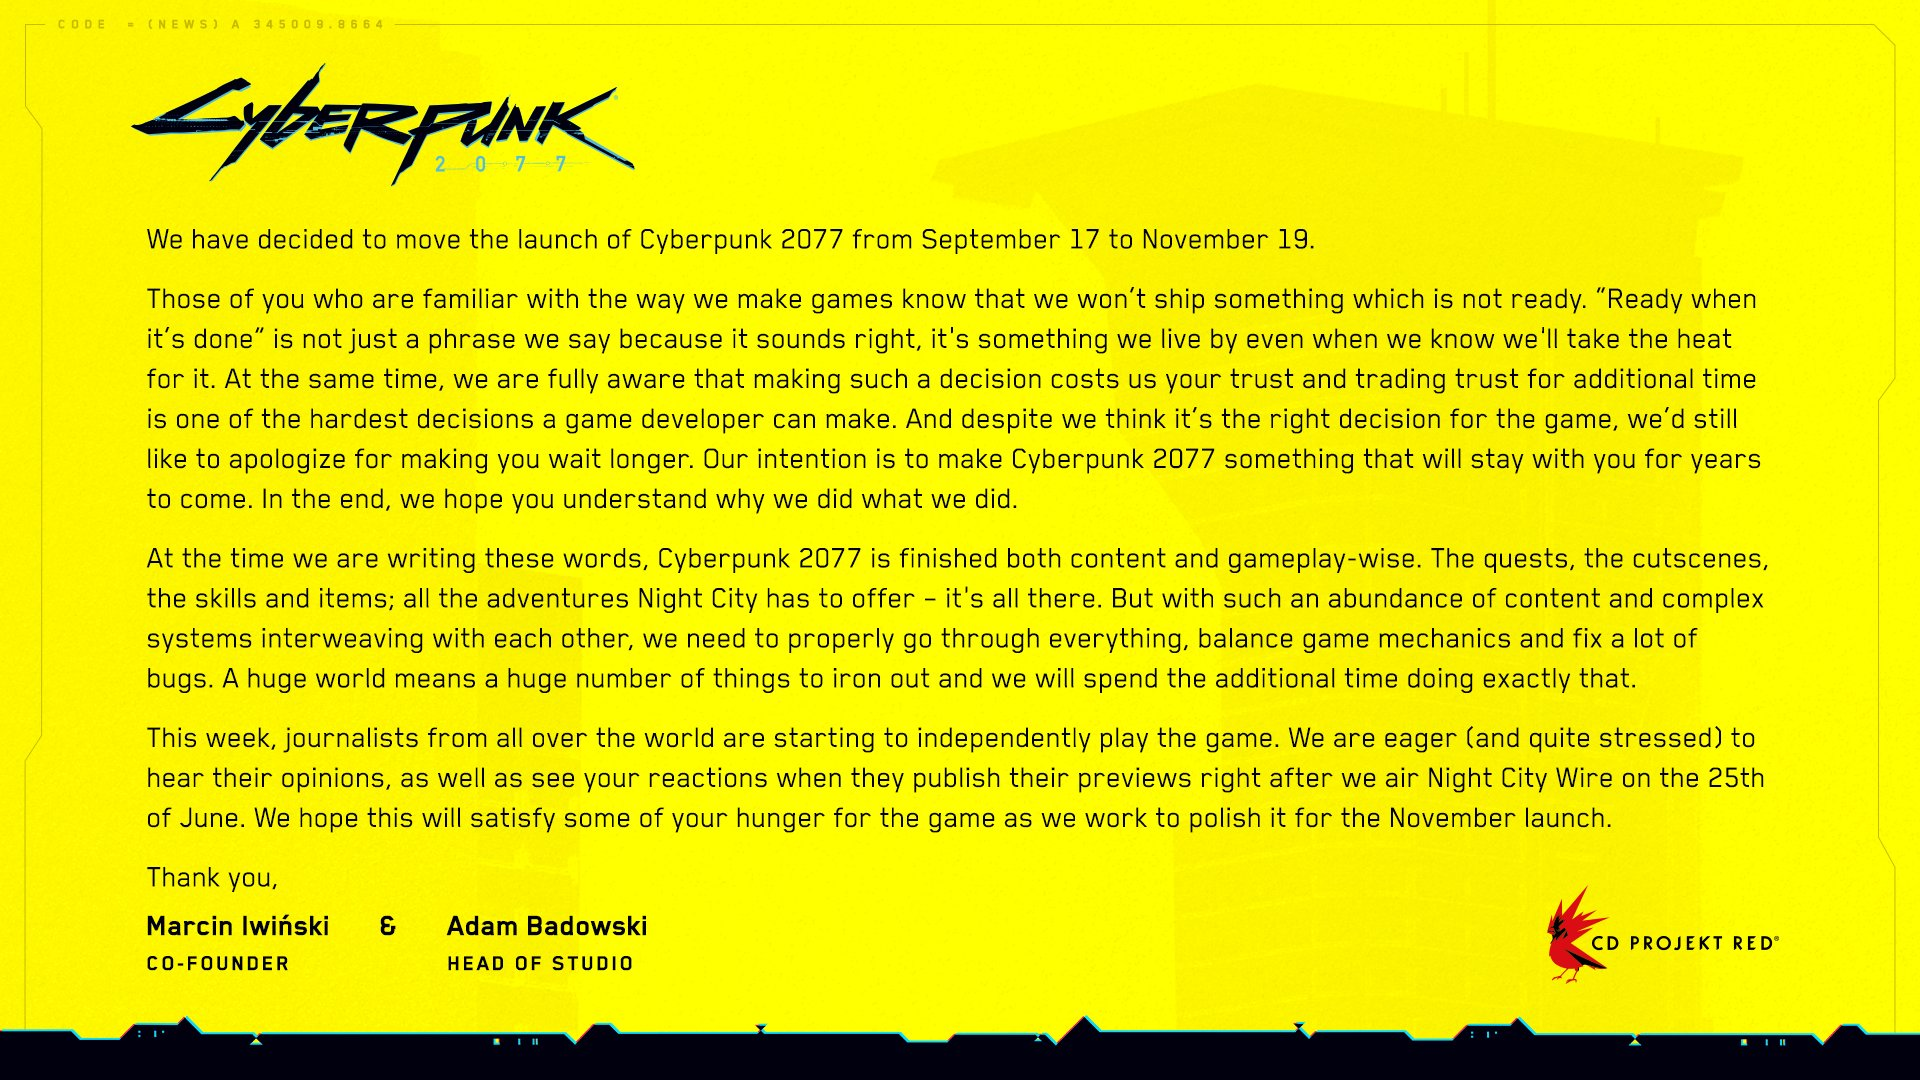 Cyberpunk 2077 repousse sa sortie de 2 mois supplémentaires